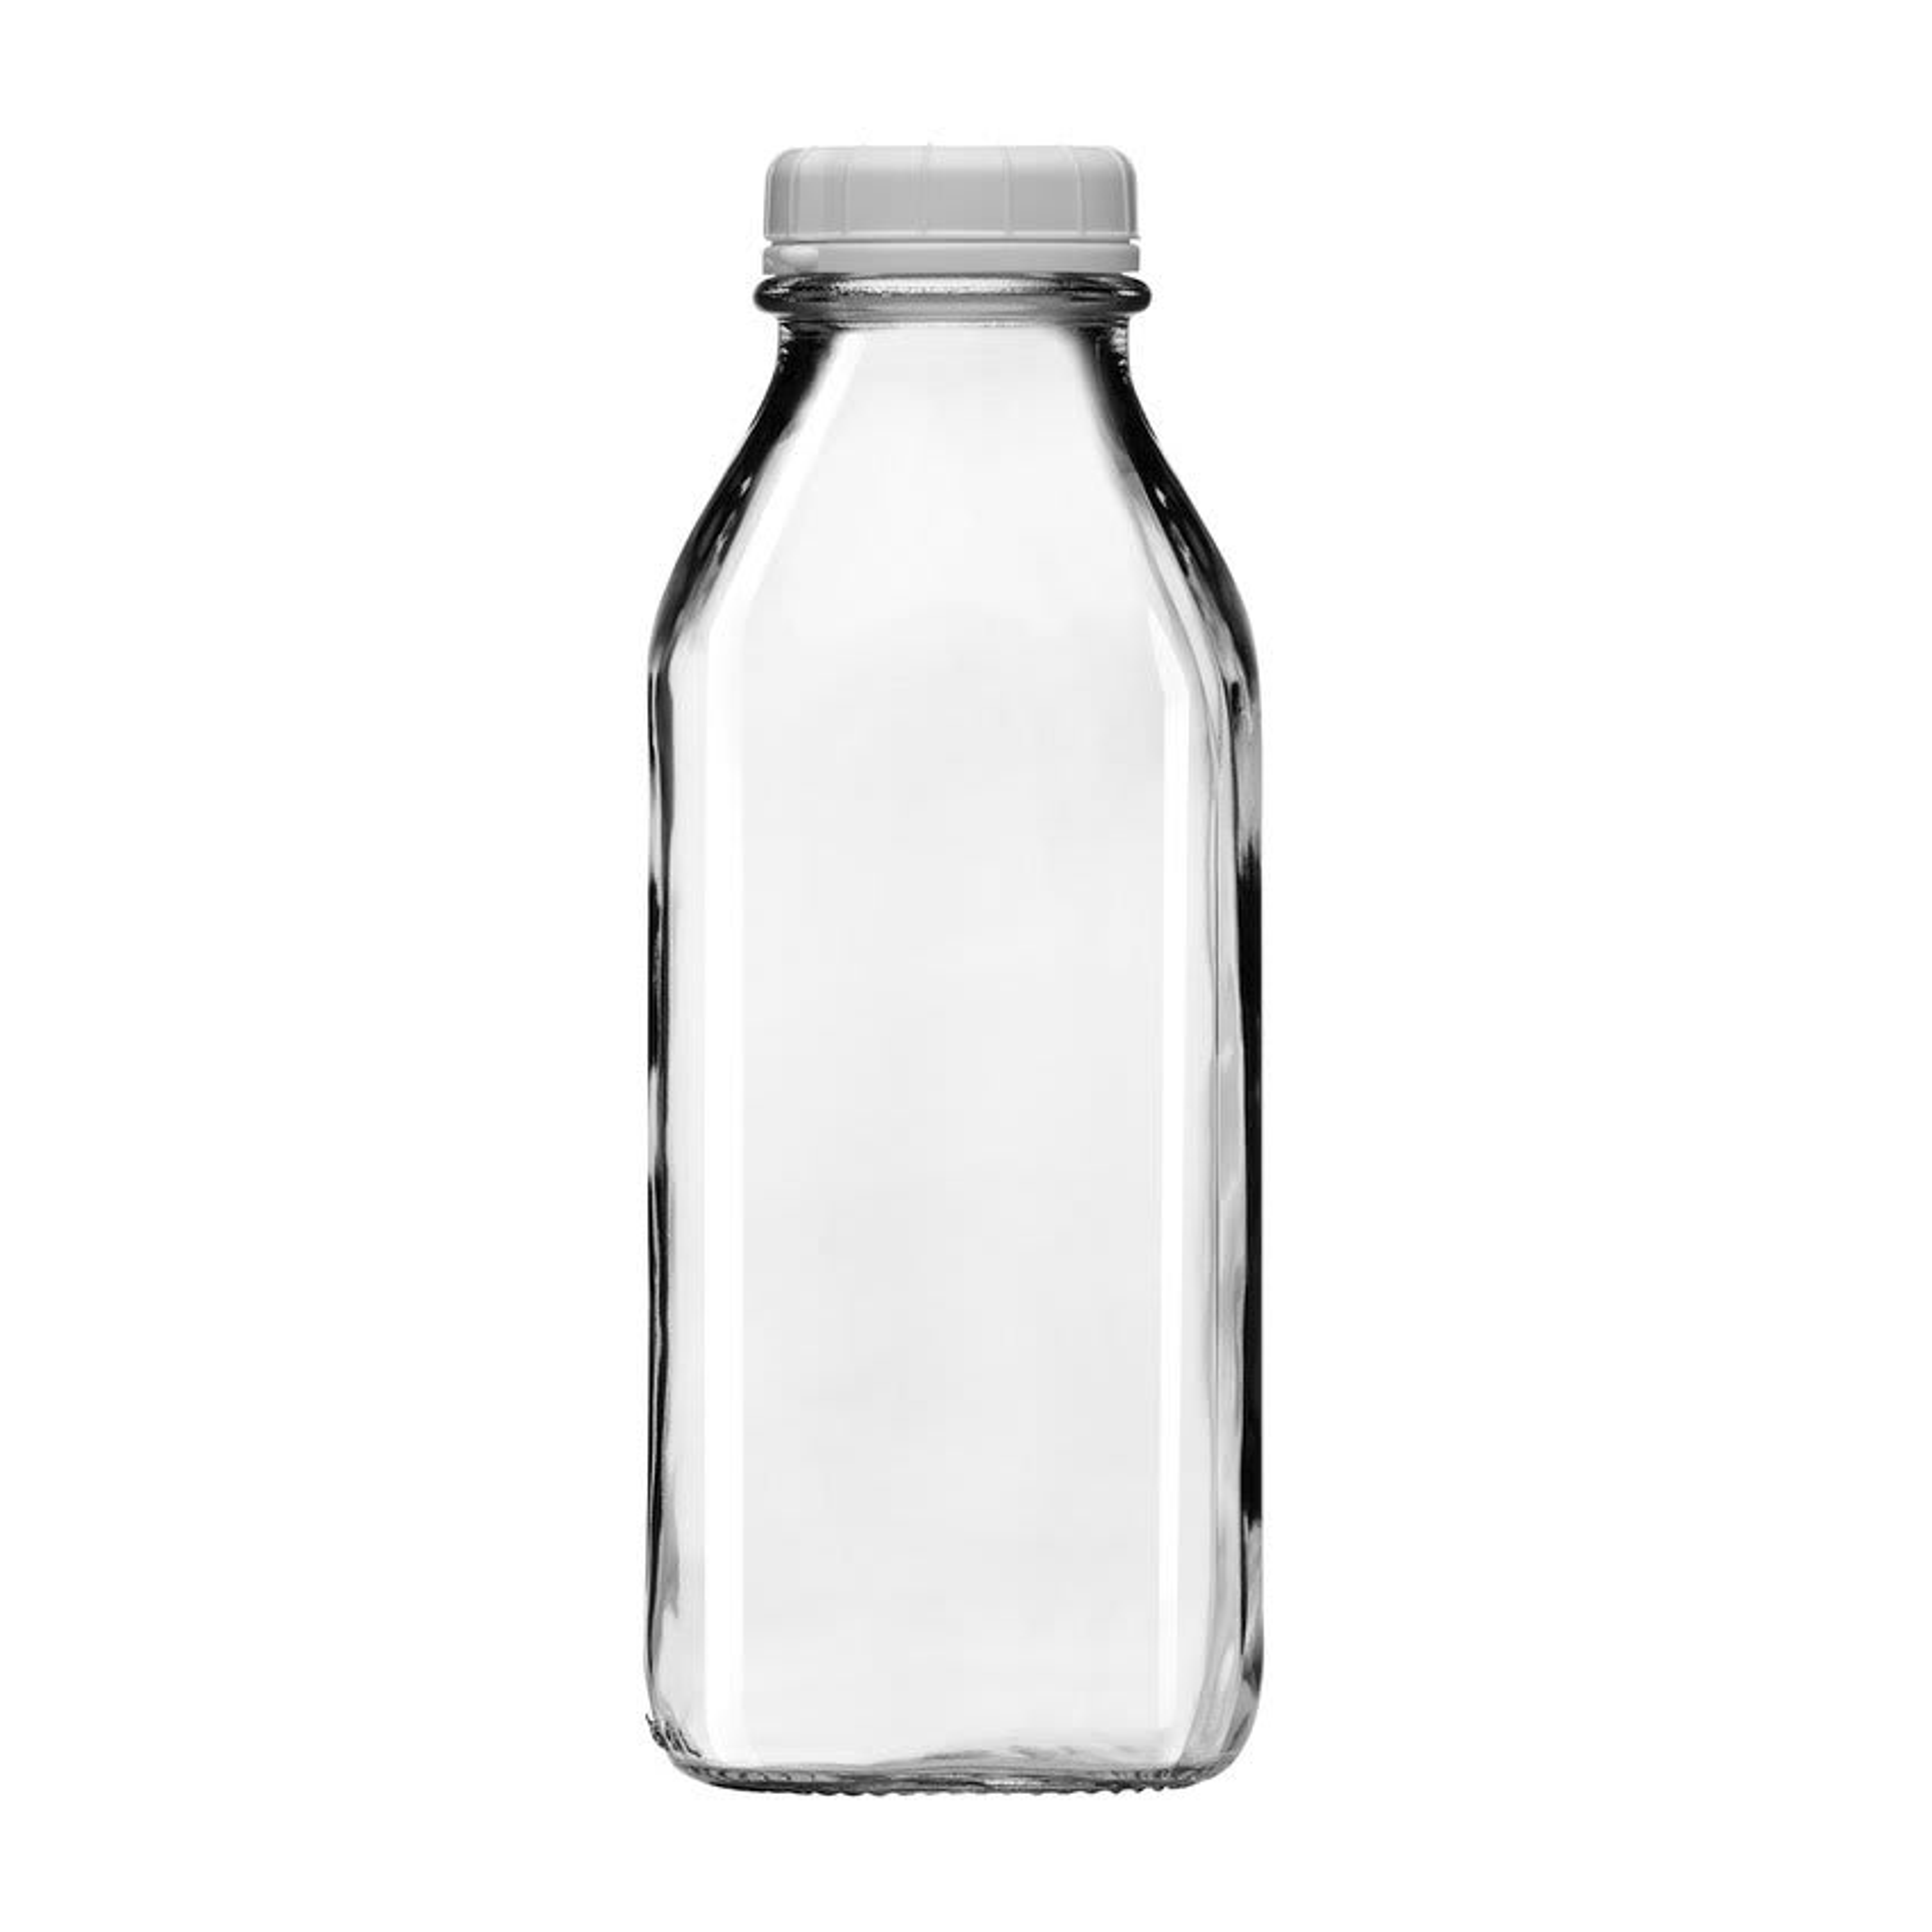 Libbey 56634 33.75 oz Milk Bottle w/ Plastic Lid